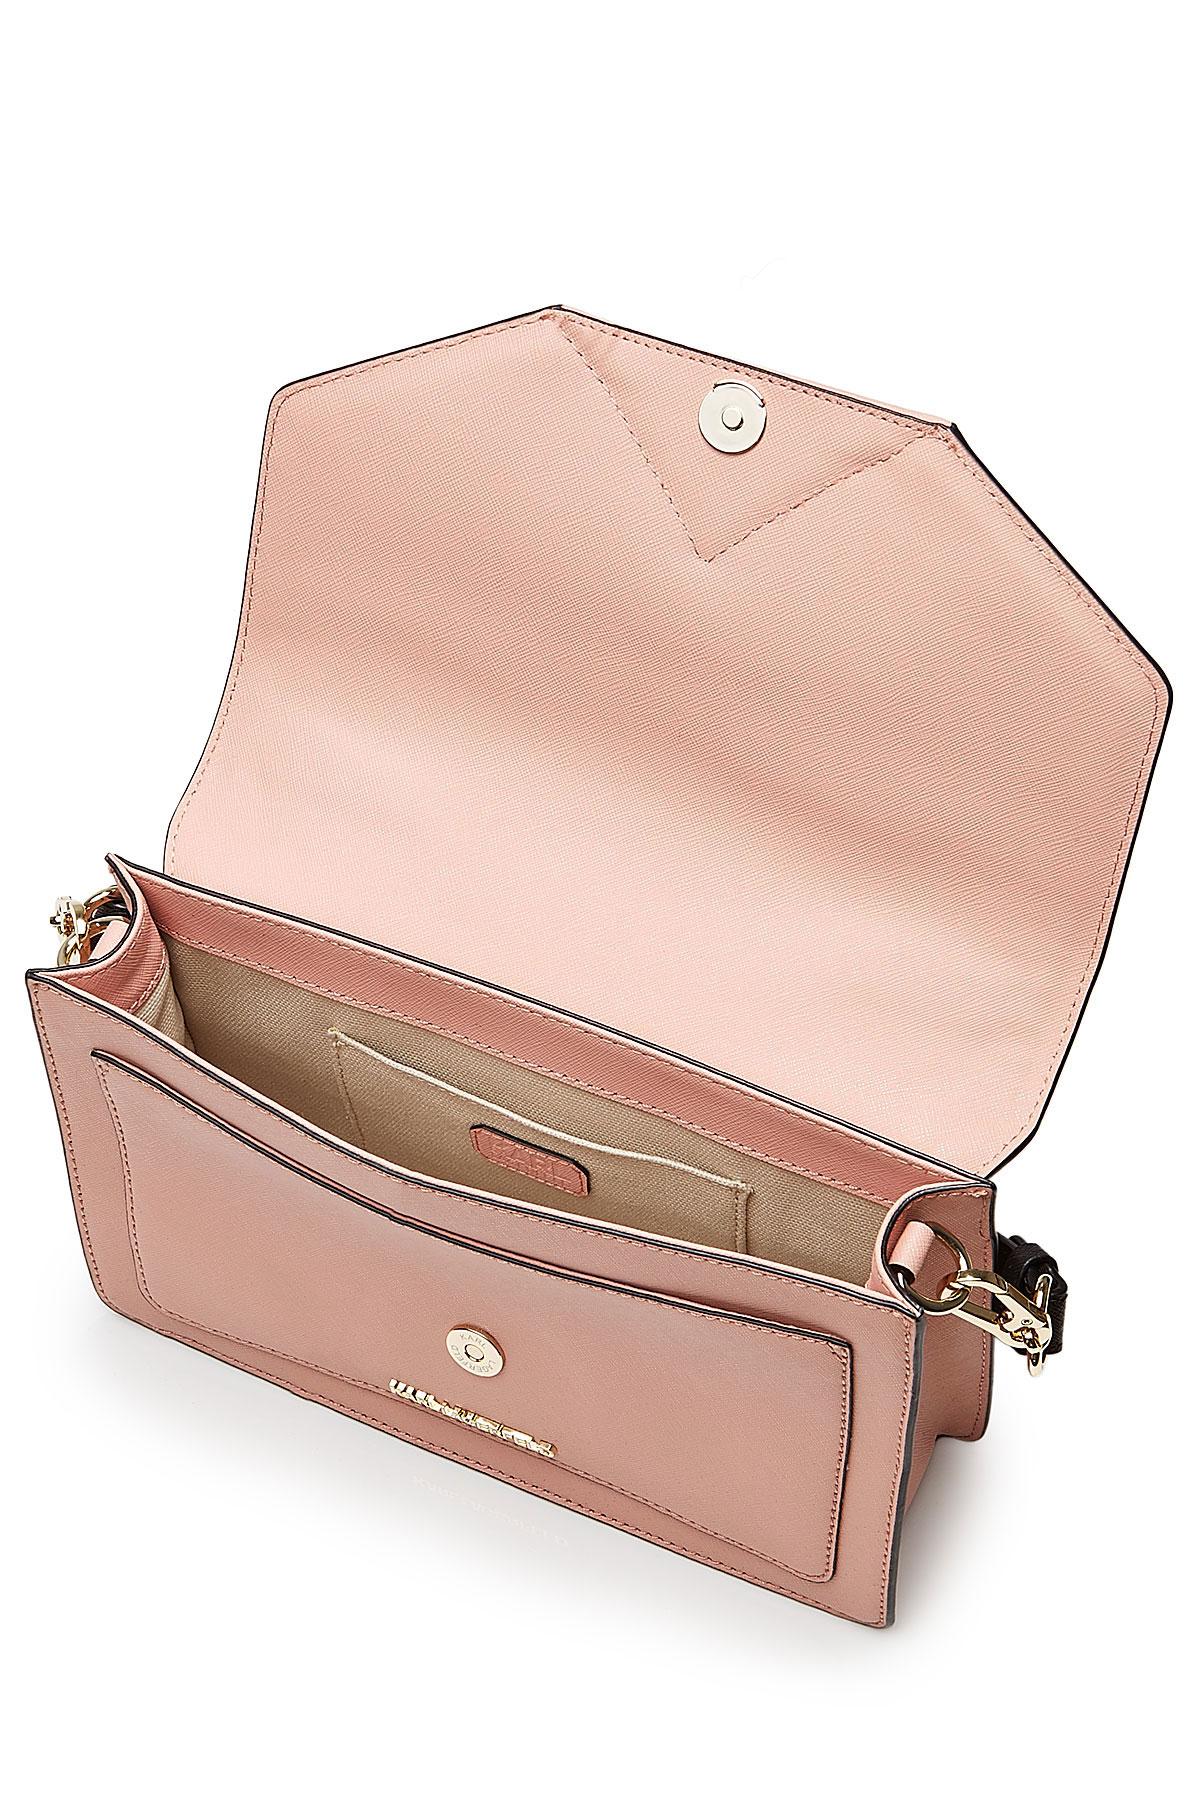 ade0acef073a0 Lyst - Karl Lagerfeld K klassik Leather Shoulder Bag - Rose in Pink